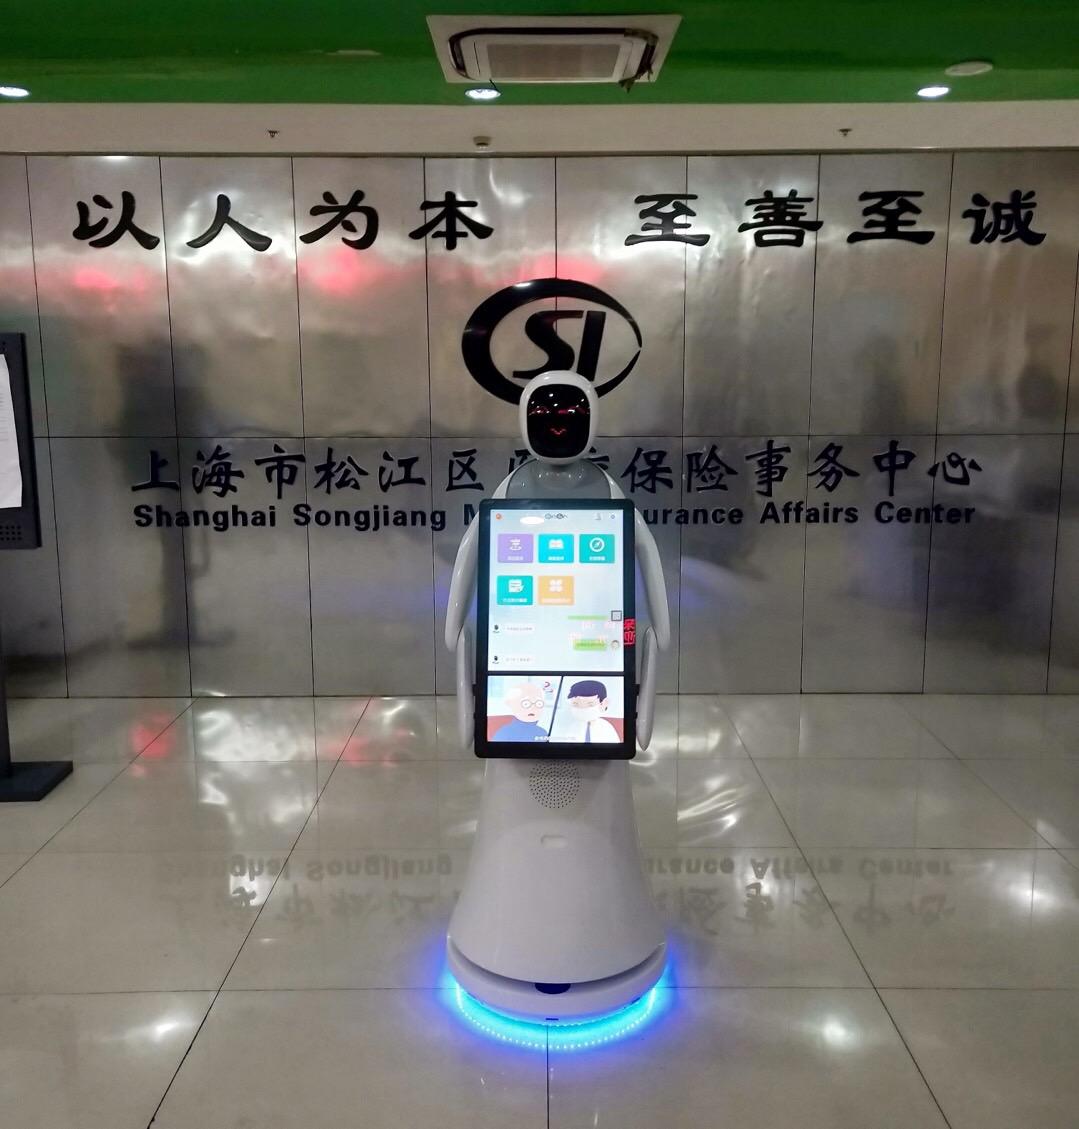 贵州直销行政服务机器人 创造辉煌 昆山新正源机器人智能科技供应